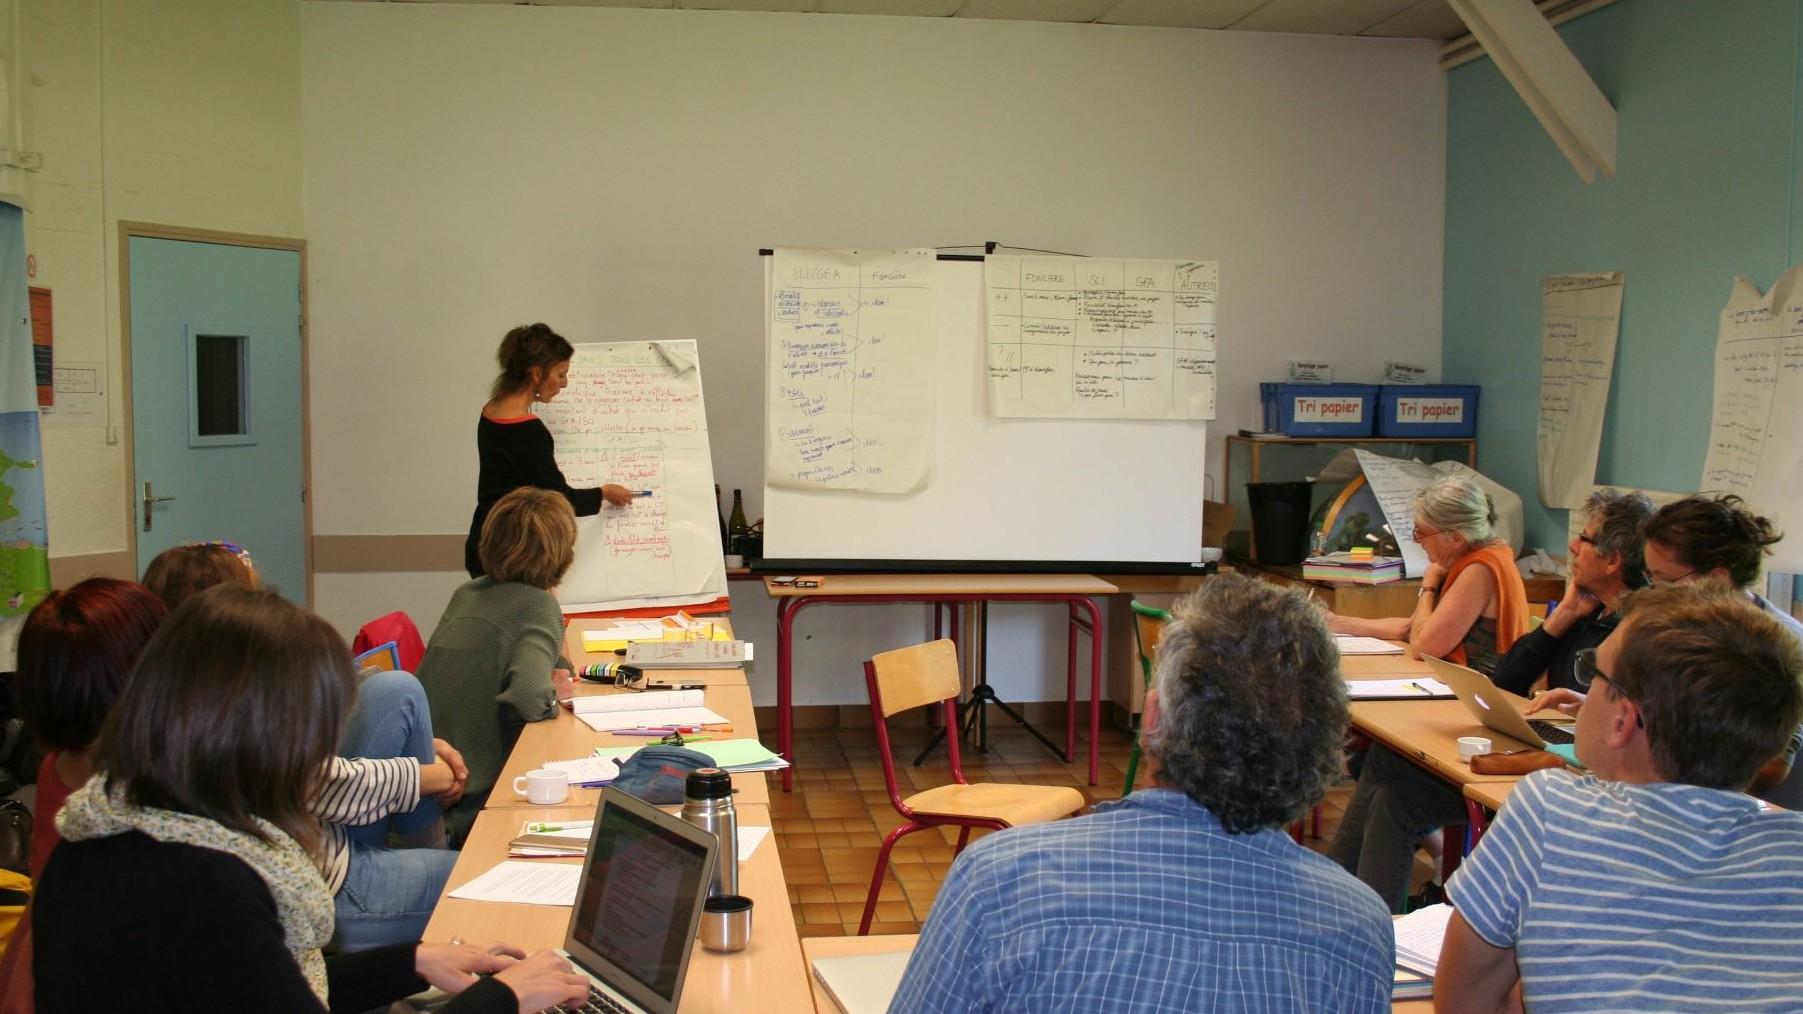 Représentation de la formation : Concevoir un module de formation